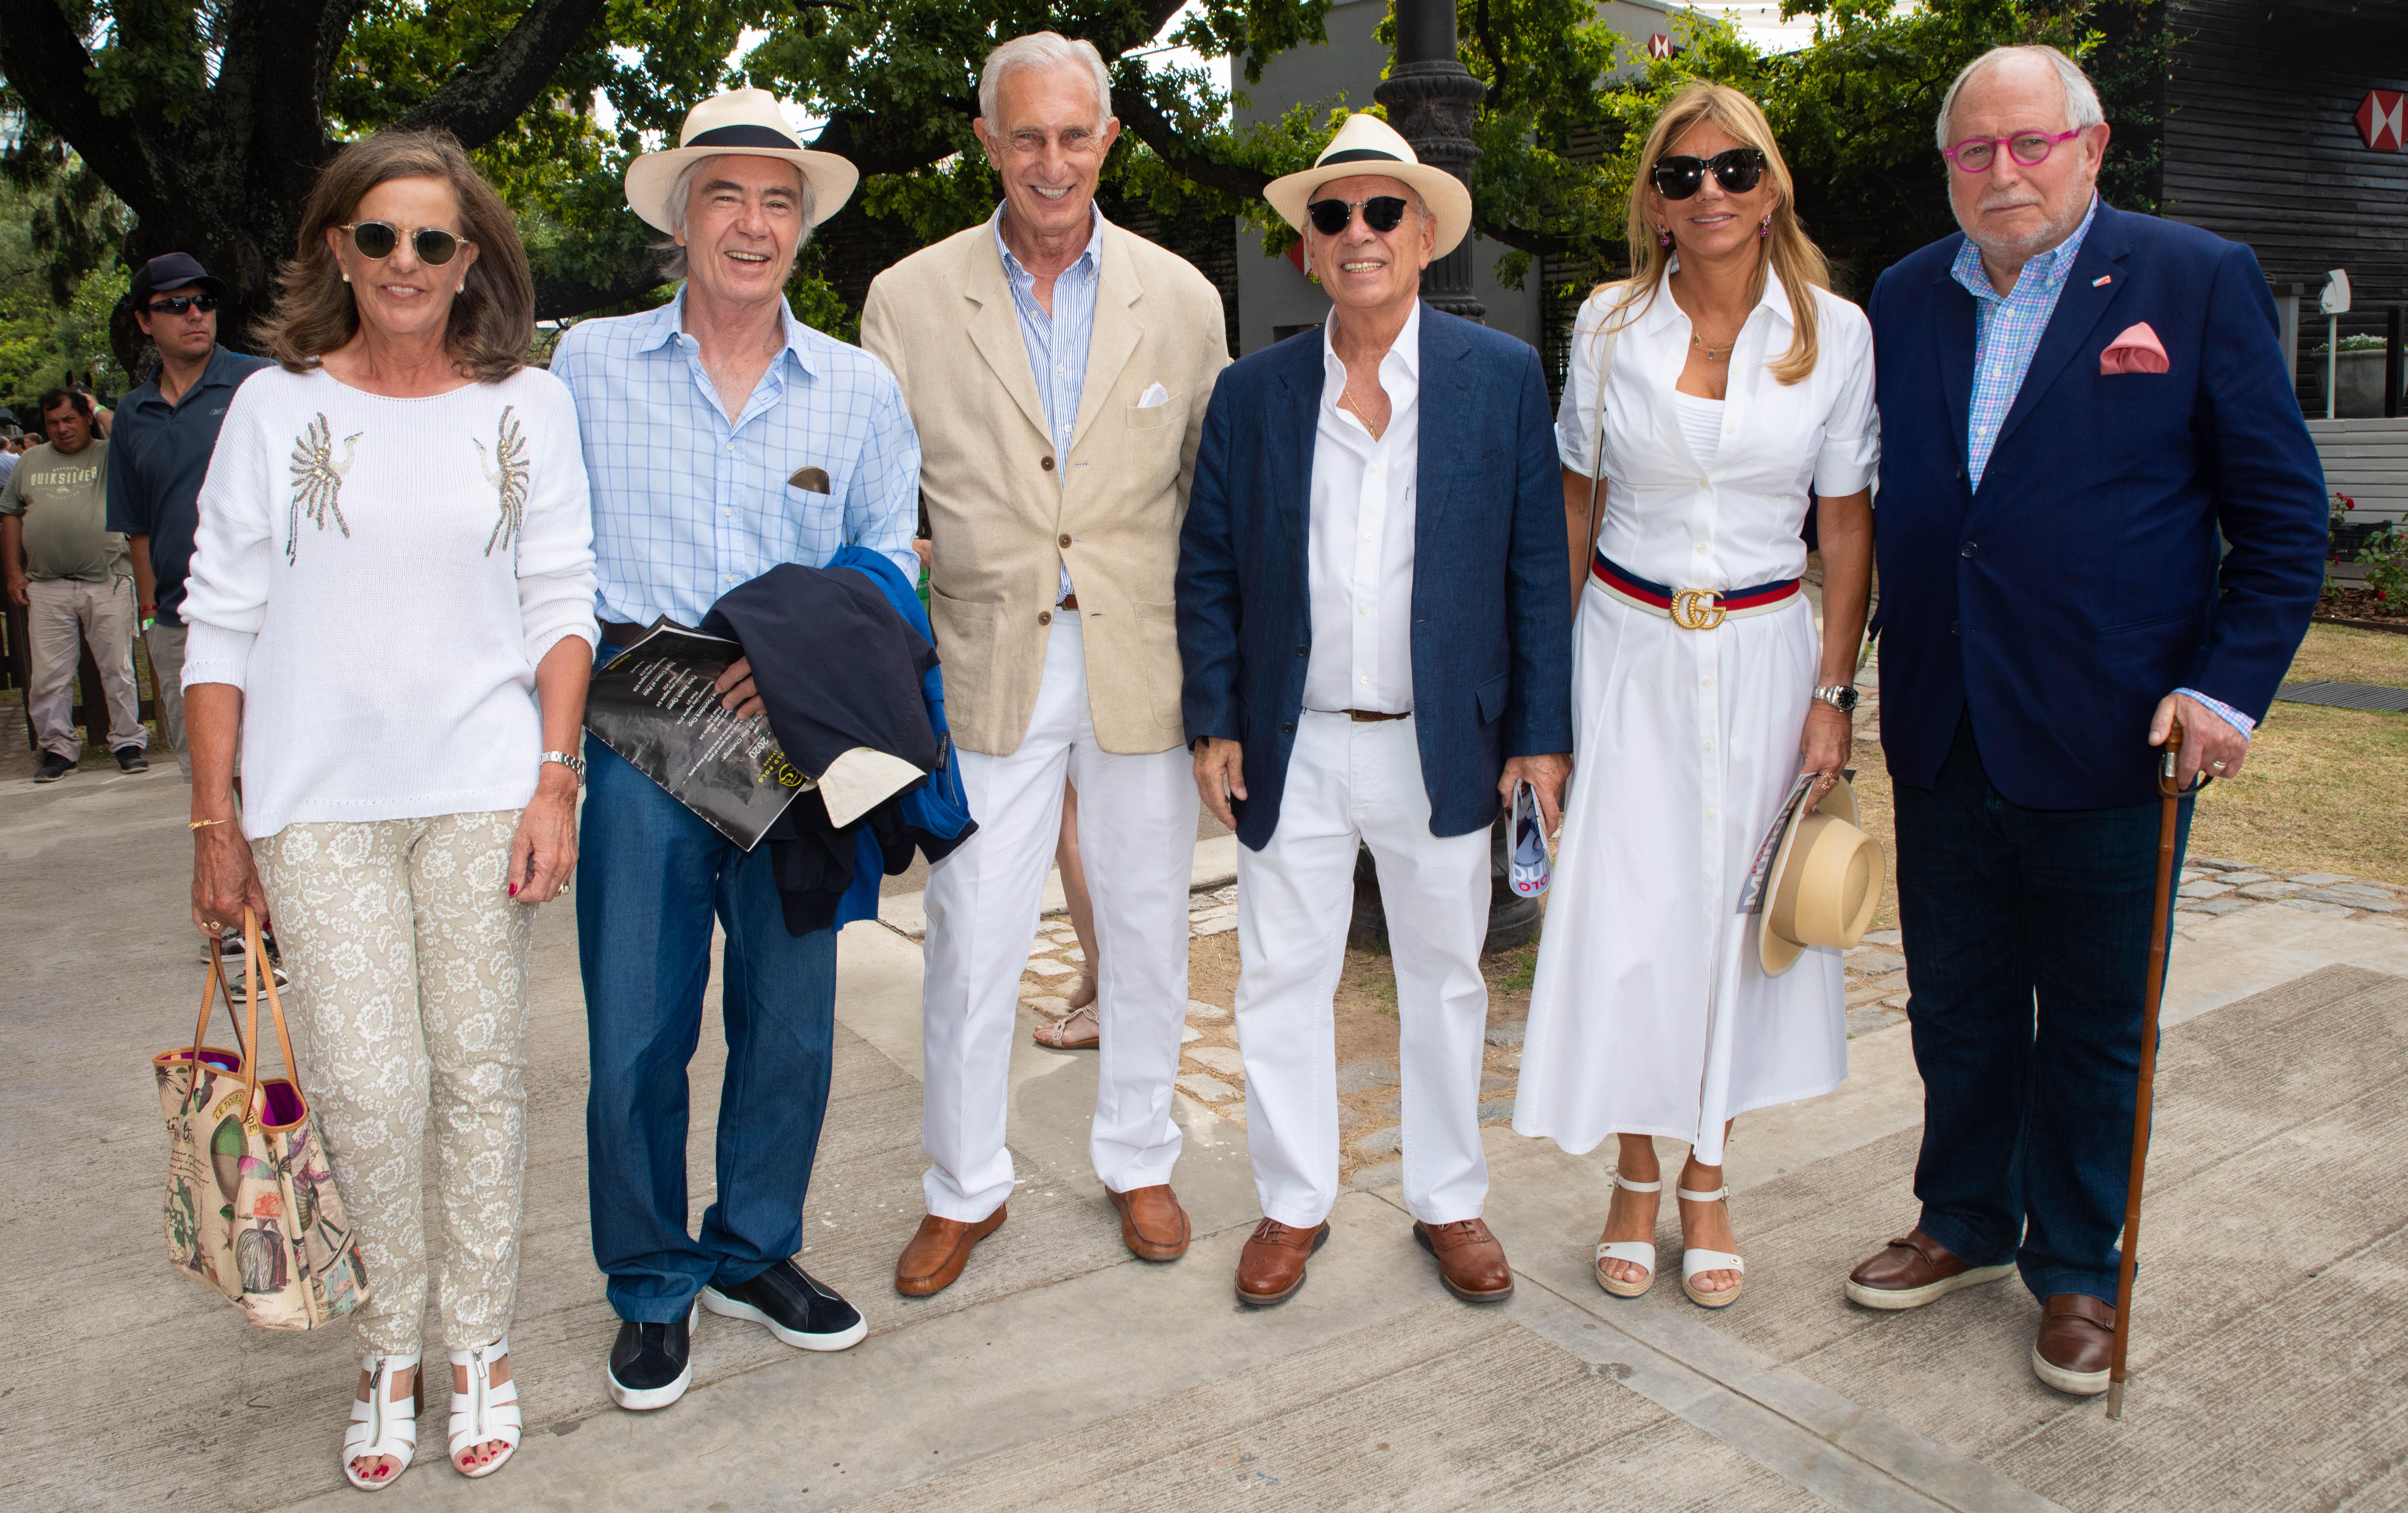 Silvia Saravia de Neuss, Charlie Blaquier, Jorge Neuss, Alejandro y Bettina Bulgheroni, y el ex embajador argentino en China, Diego Guelar